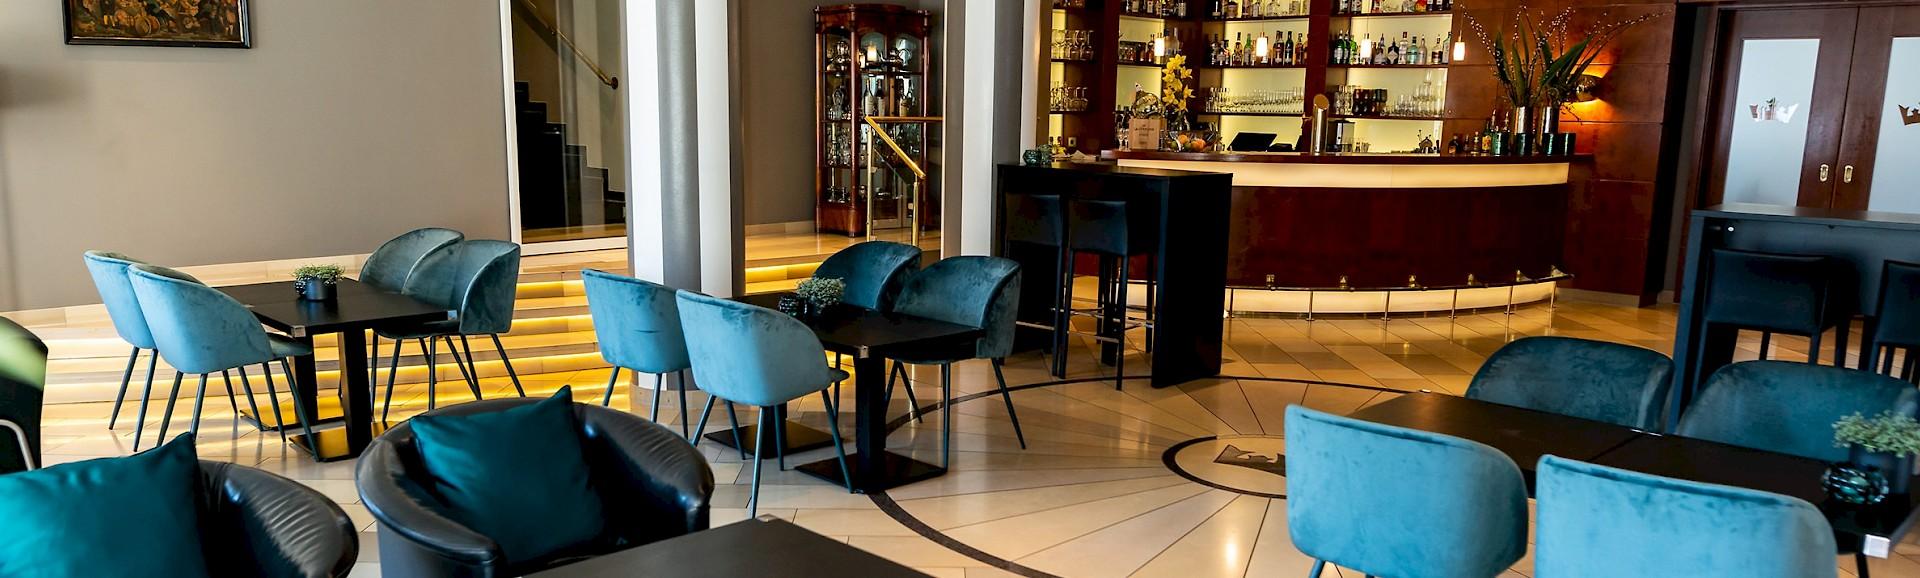 De Bar en Lounge Barachiel's